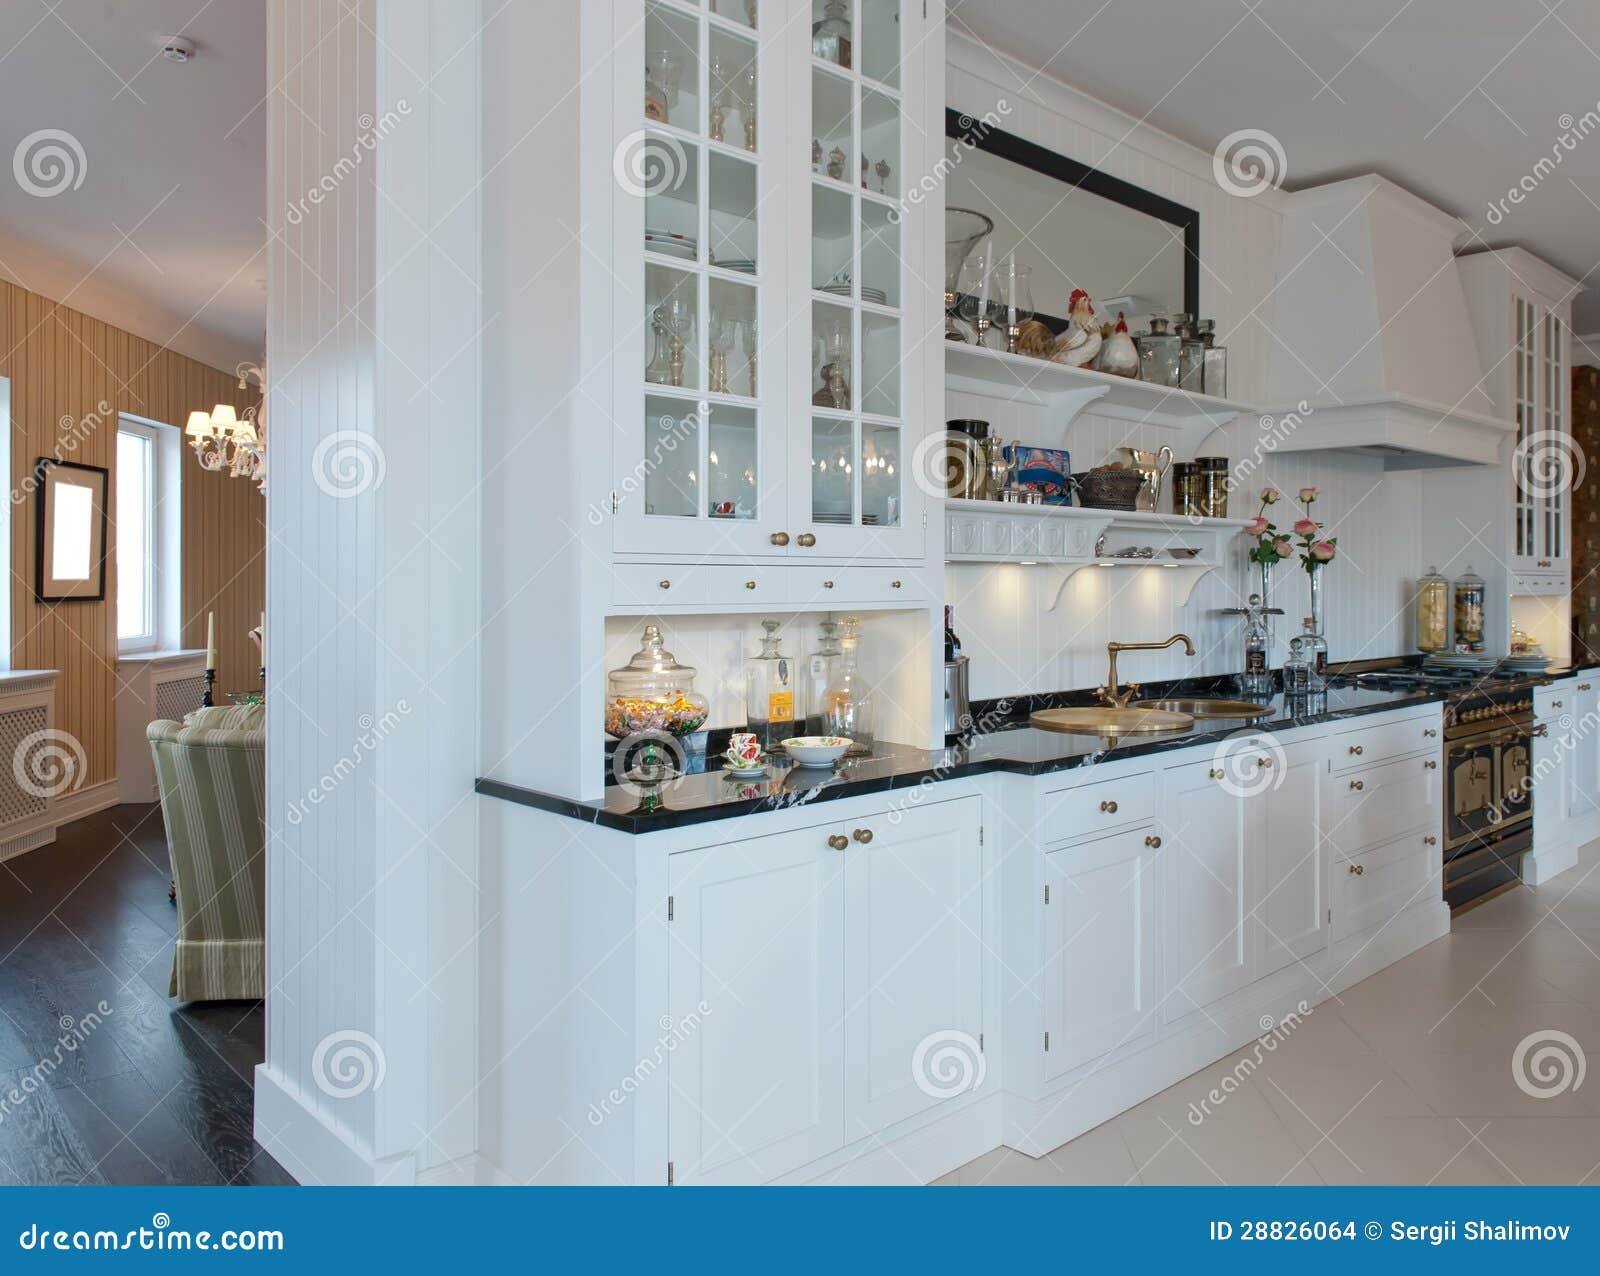 weisse küche | jtleigh.com - hausgestaltung ideen - Weisse Kche Mit Mosaikfliesen